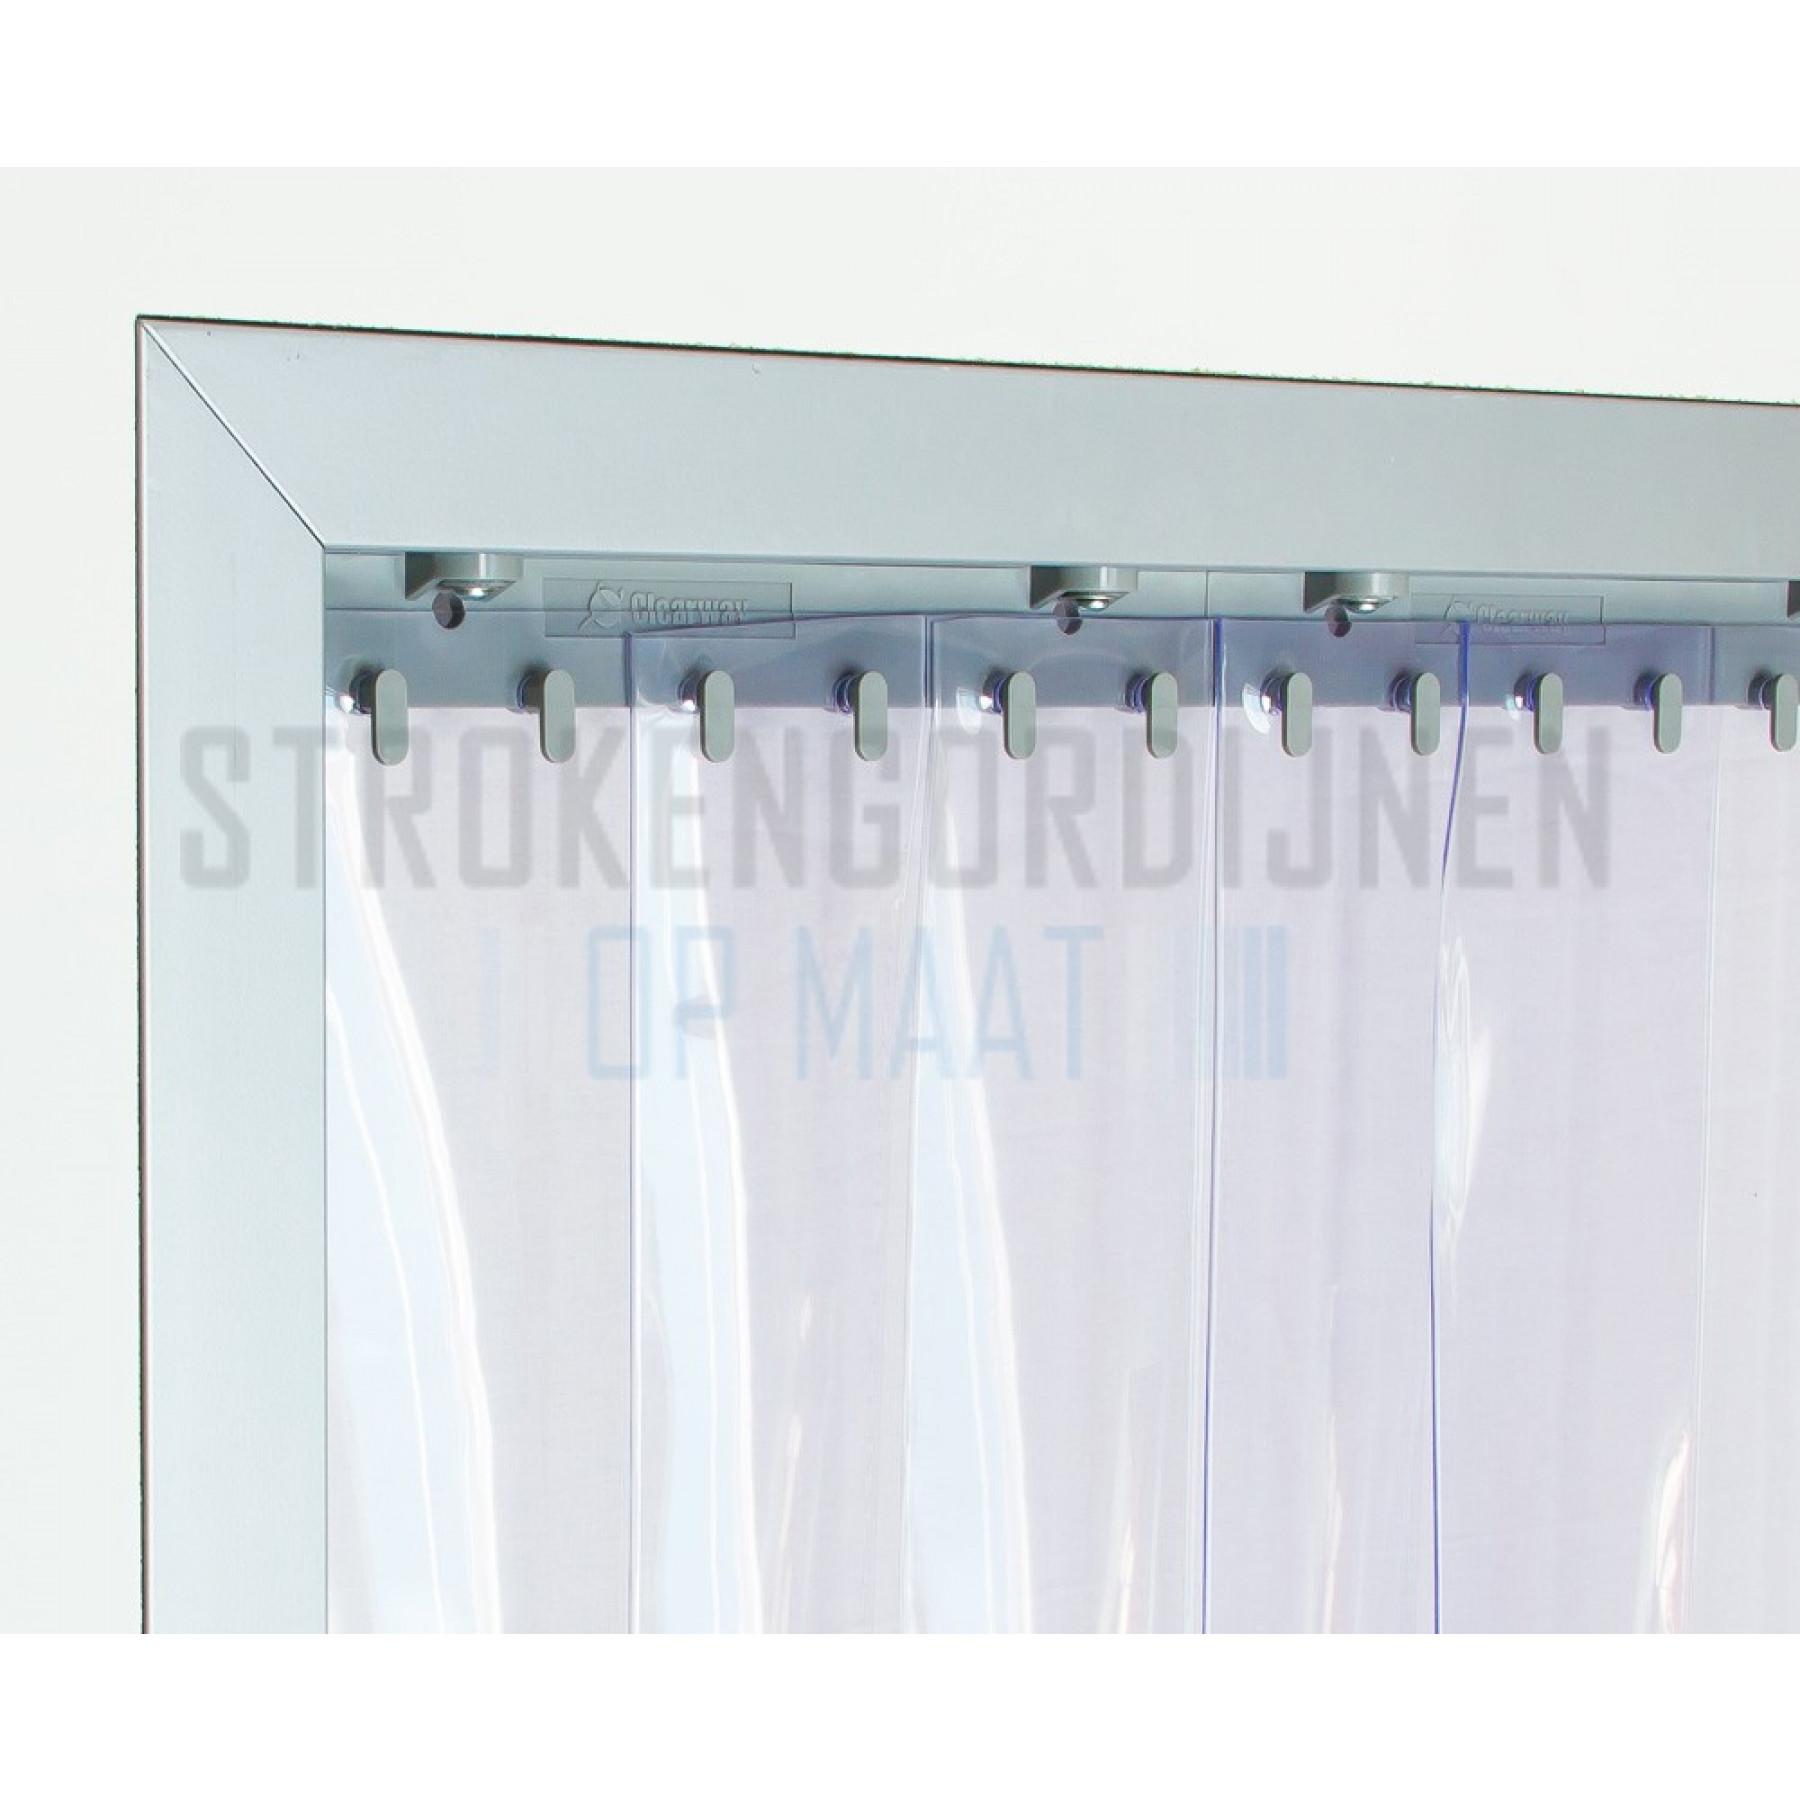 PVC Streifen zur Renovierung, 200mm breit, 2mm dick, Tiefkühlraum Qualität, transparent